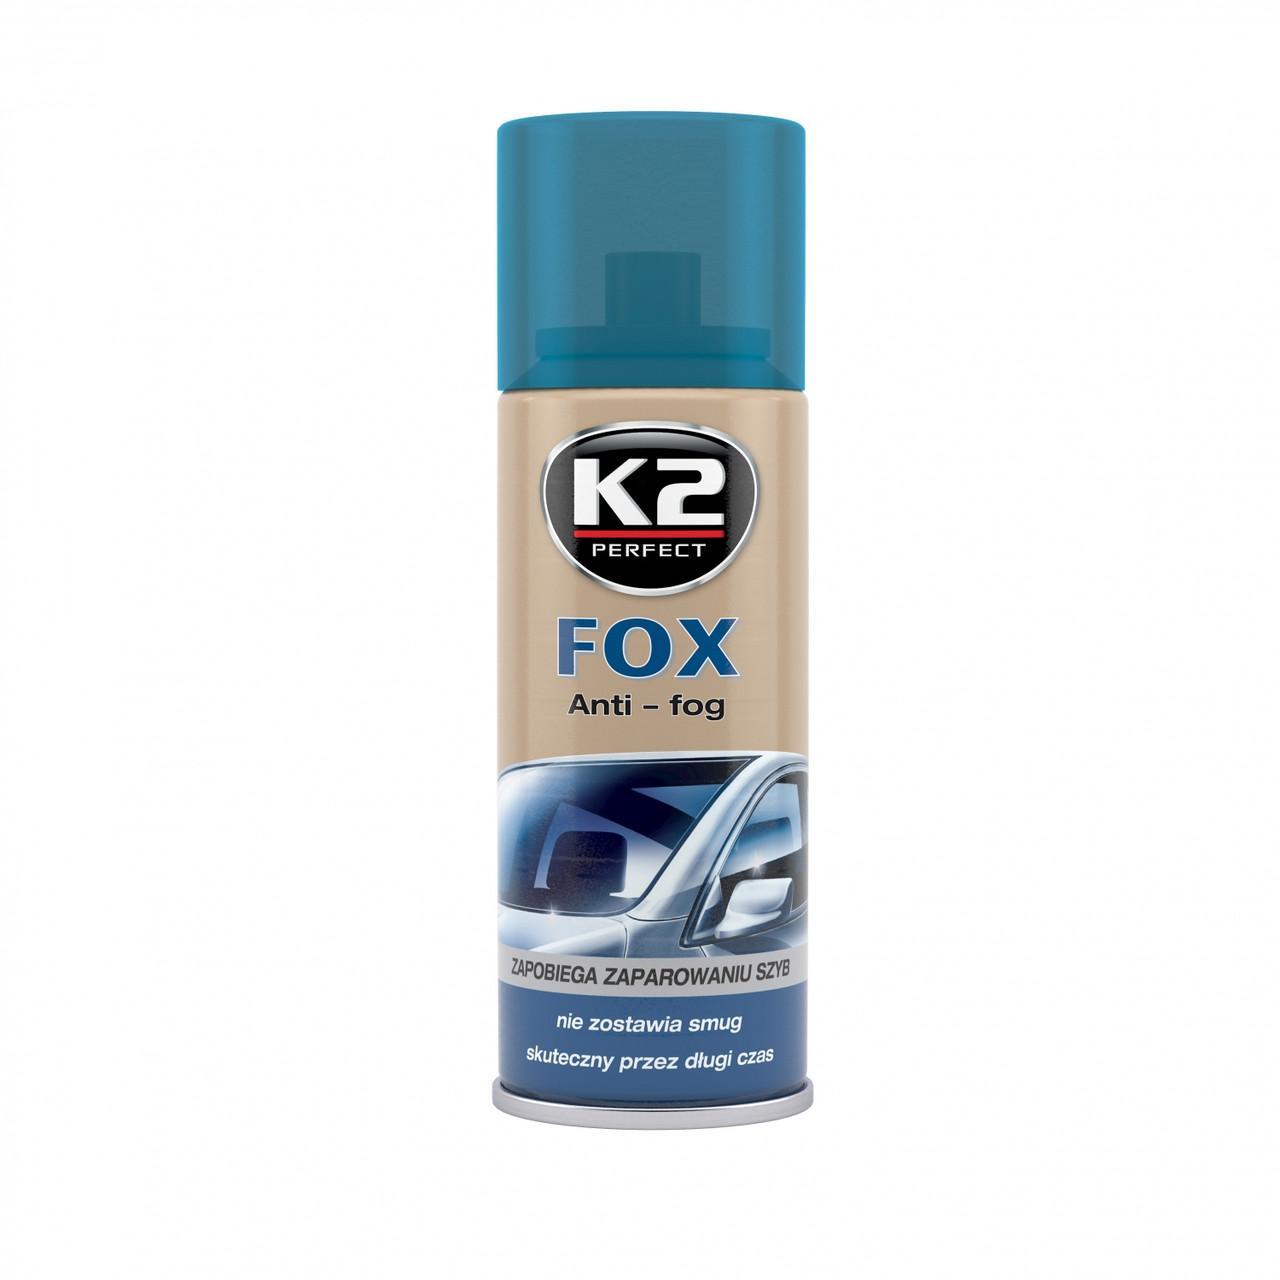 K2 FOX АНТИЗАПОТЕВАТЕЛЬ ДЛЯ СТЕКЛА 150МЛ.(СПРЕЙ) ART K631